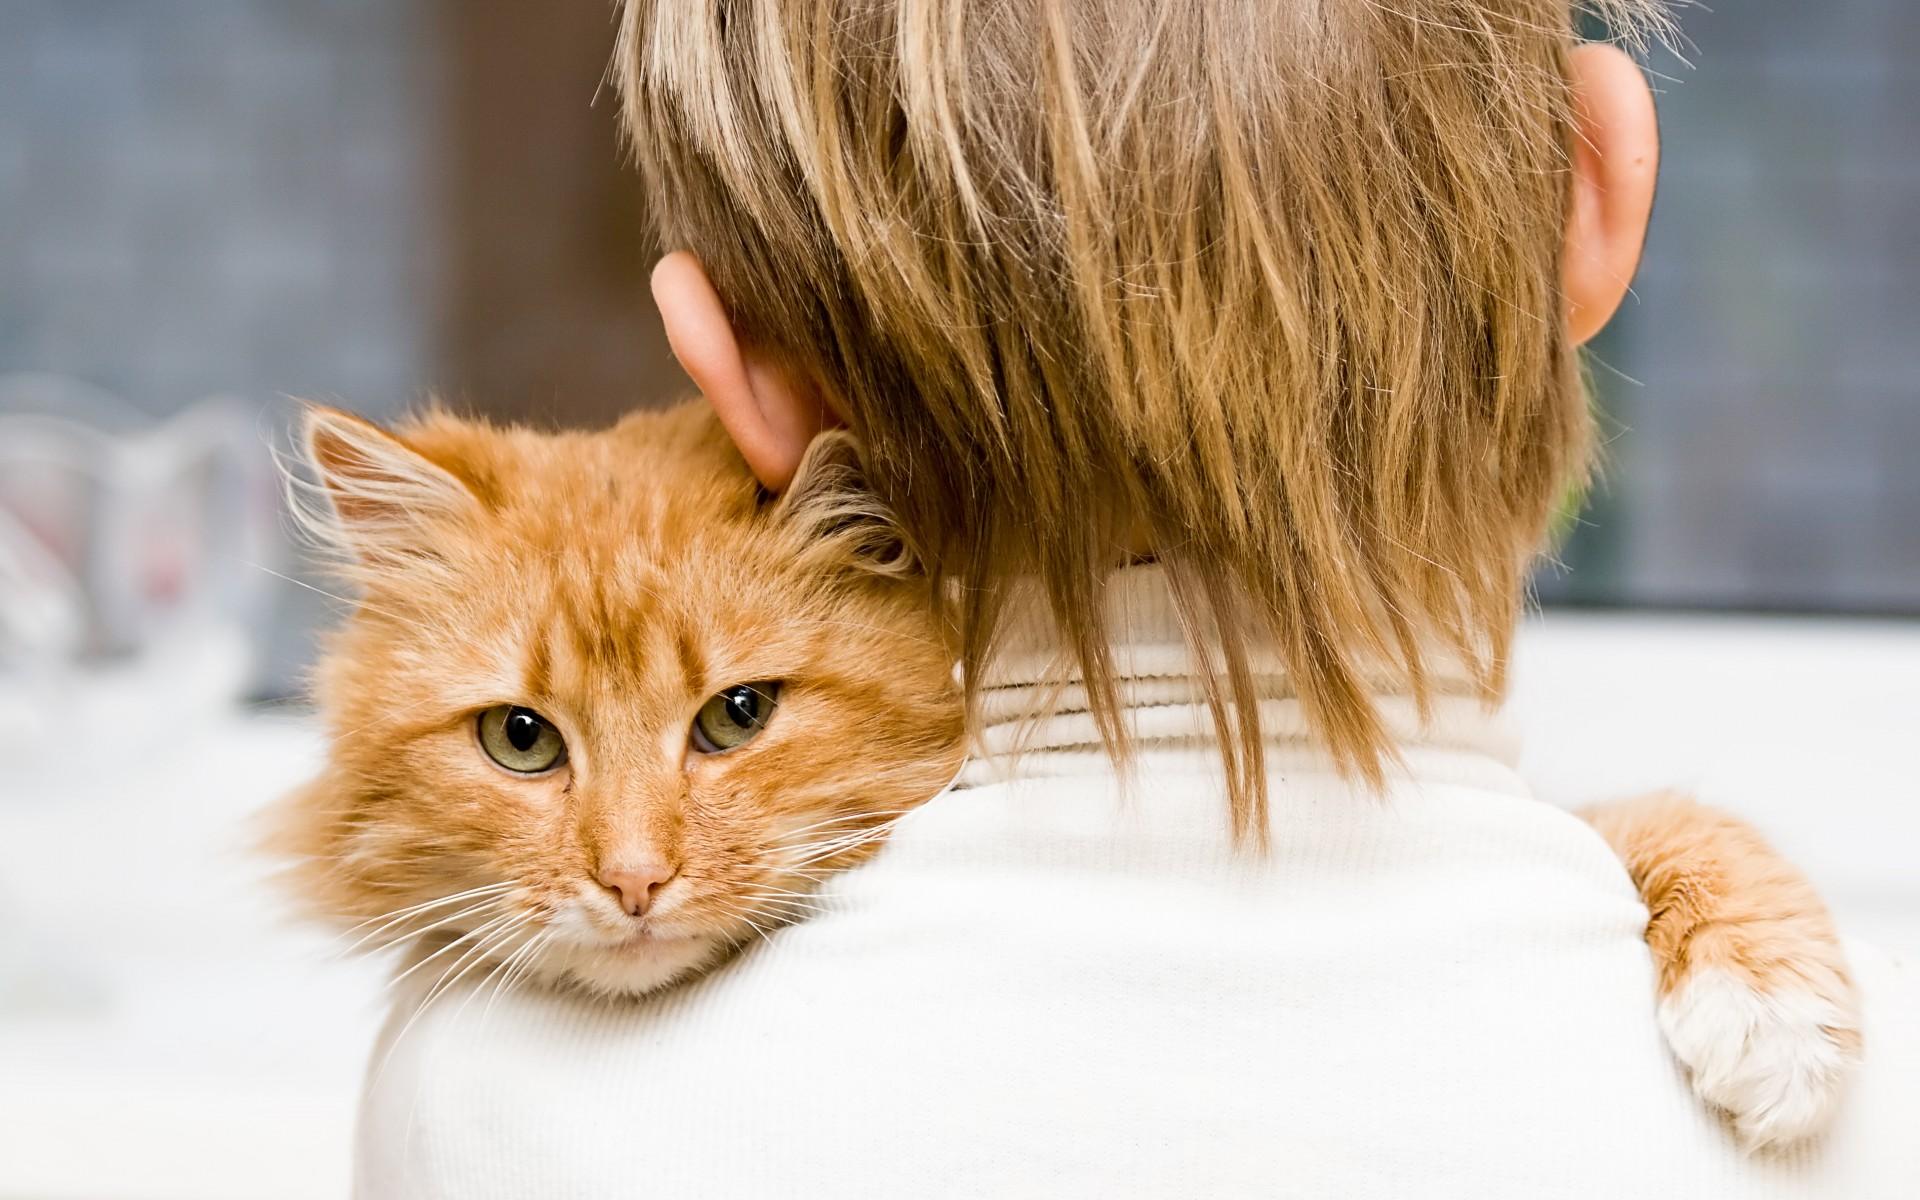 ребенок держит рыжего кота